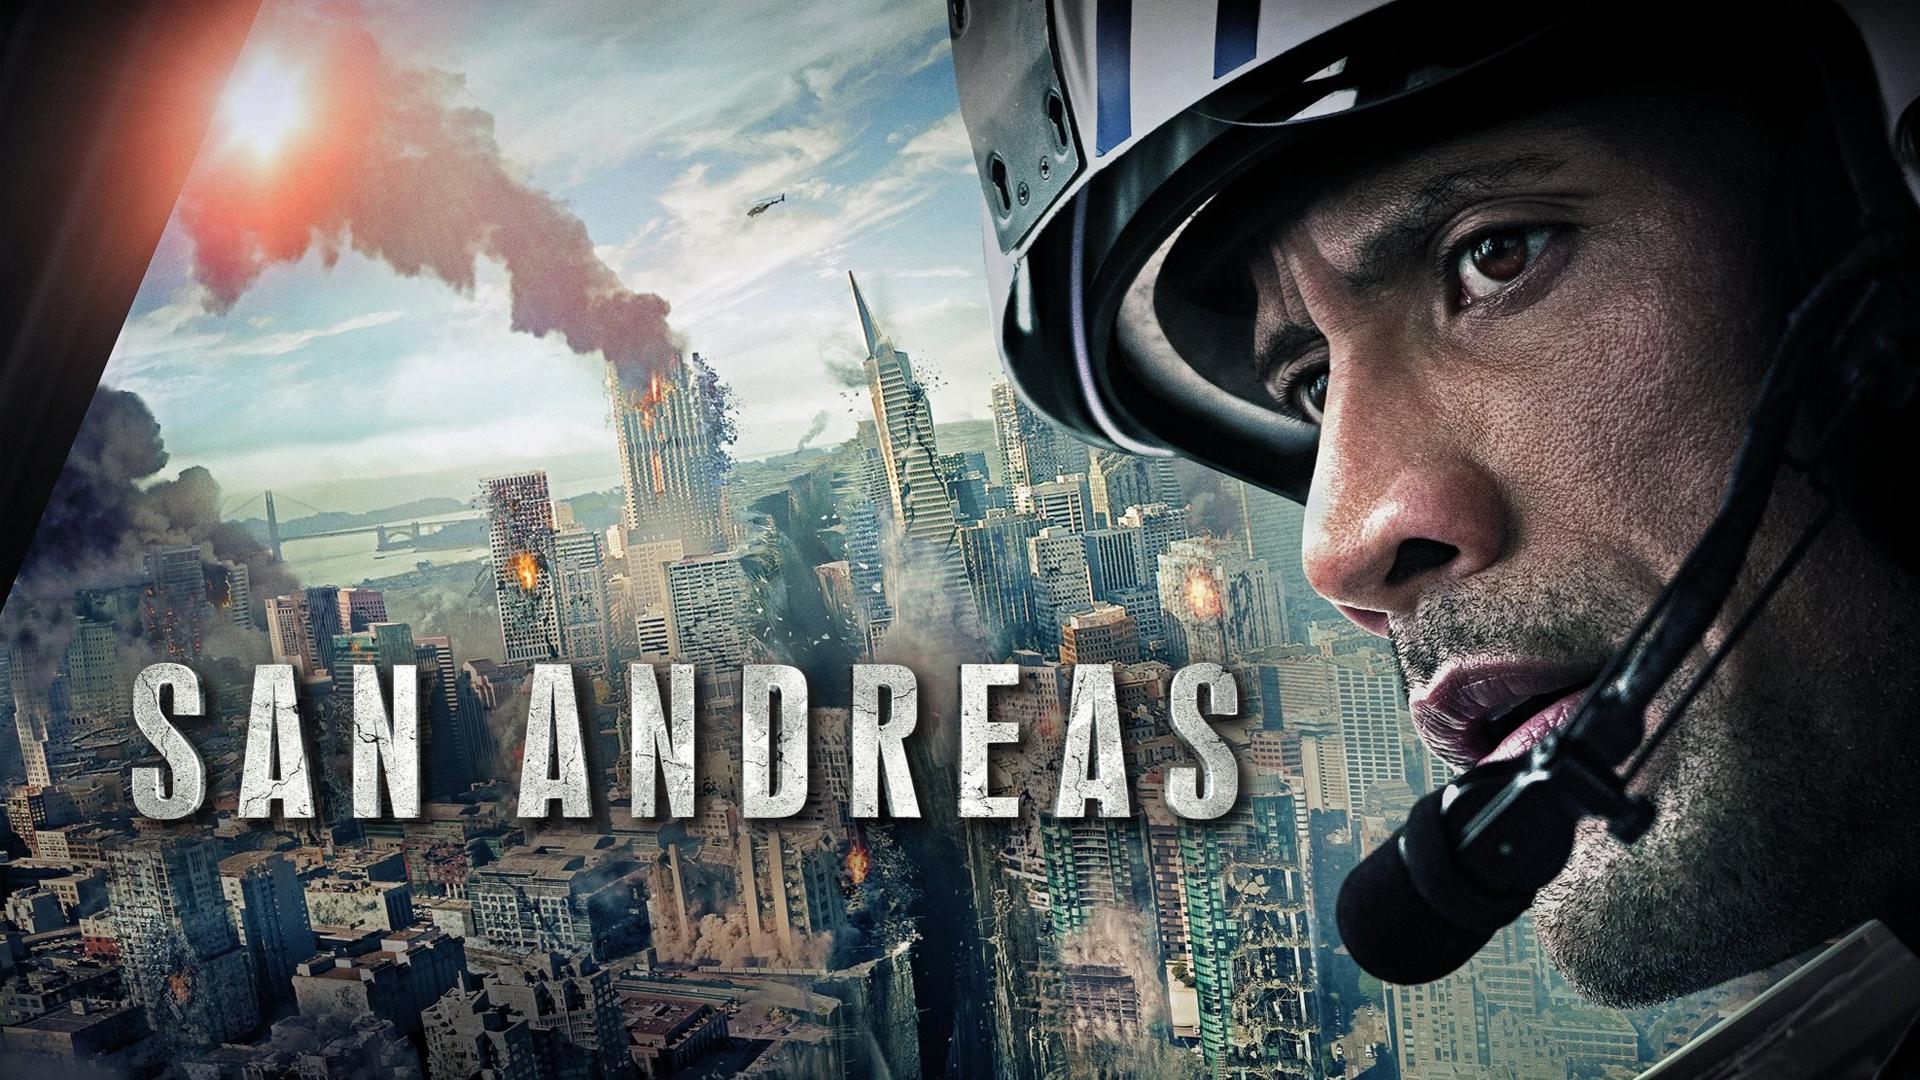 รีวิวหนัง SAN ANDREAS - ซาน แอนเดรส มหาวินาศแผ่นดินแยก